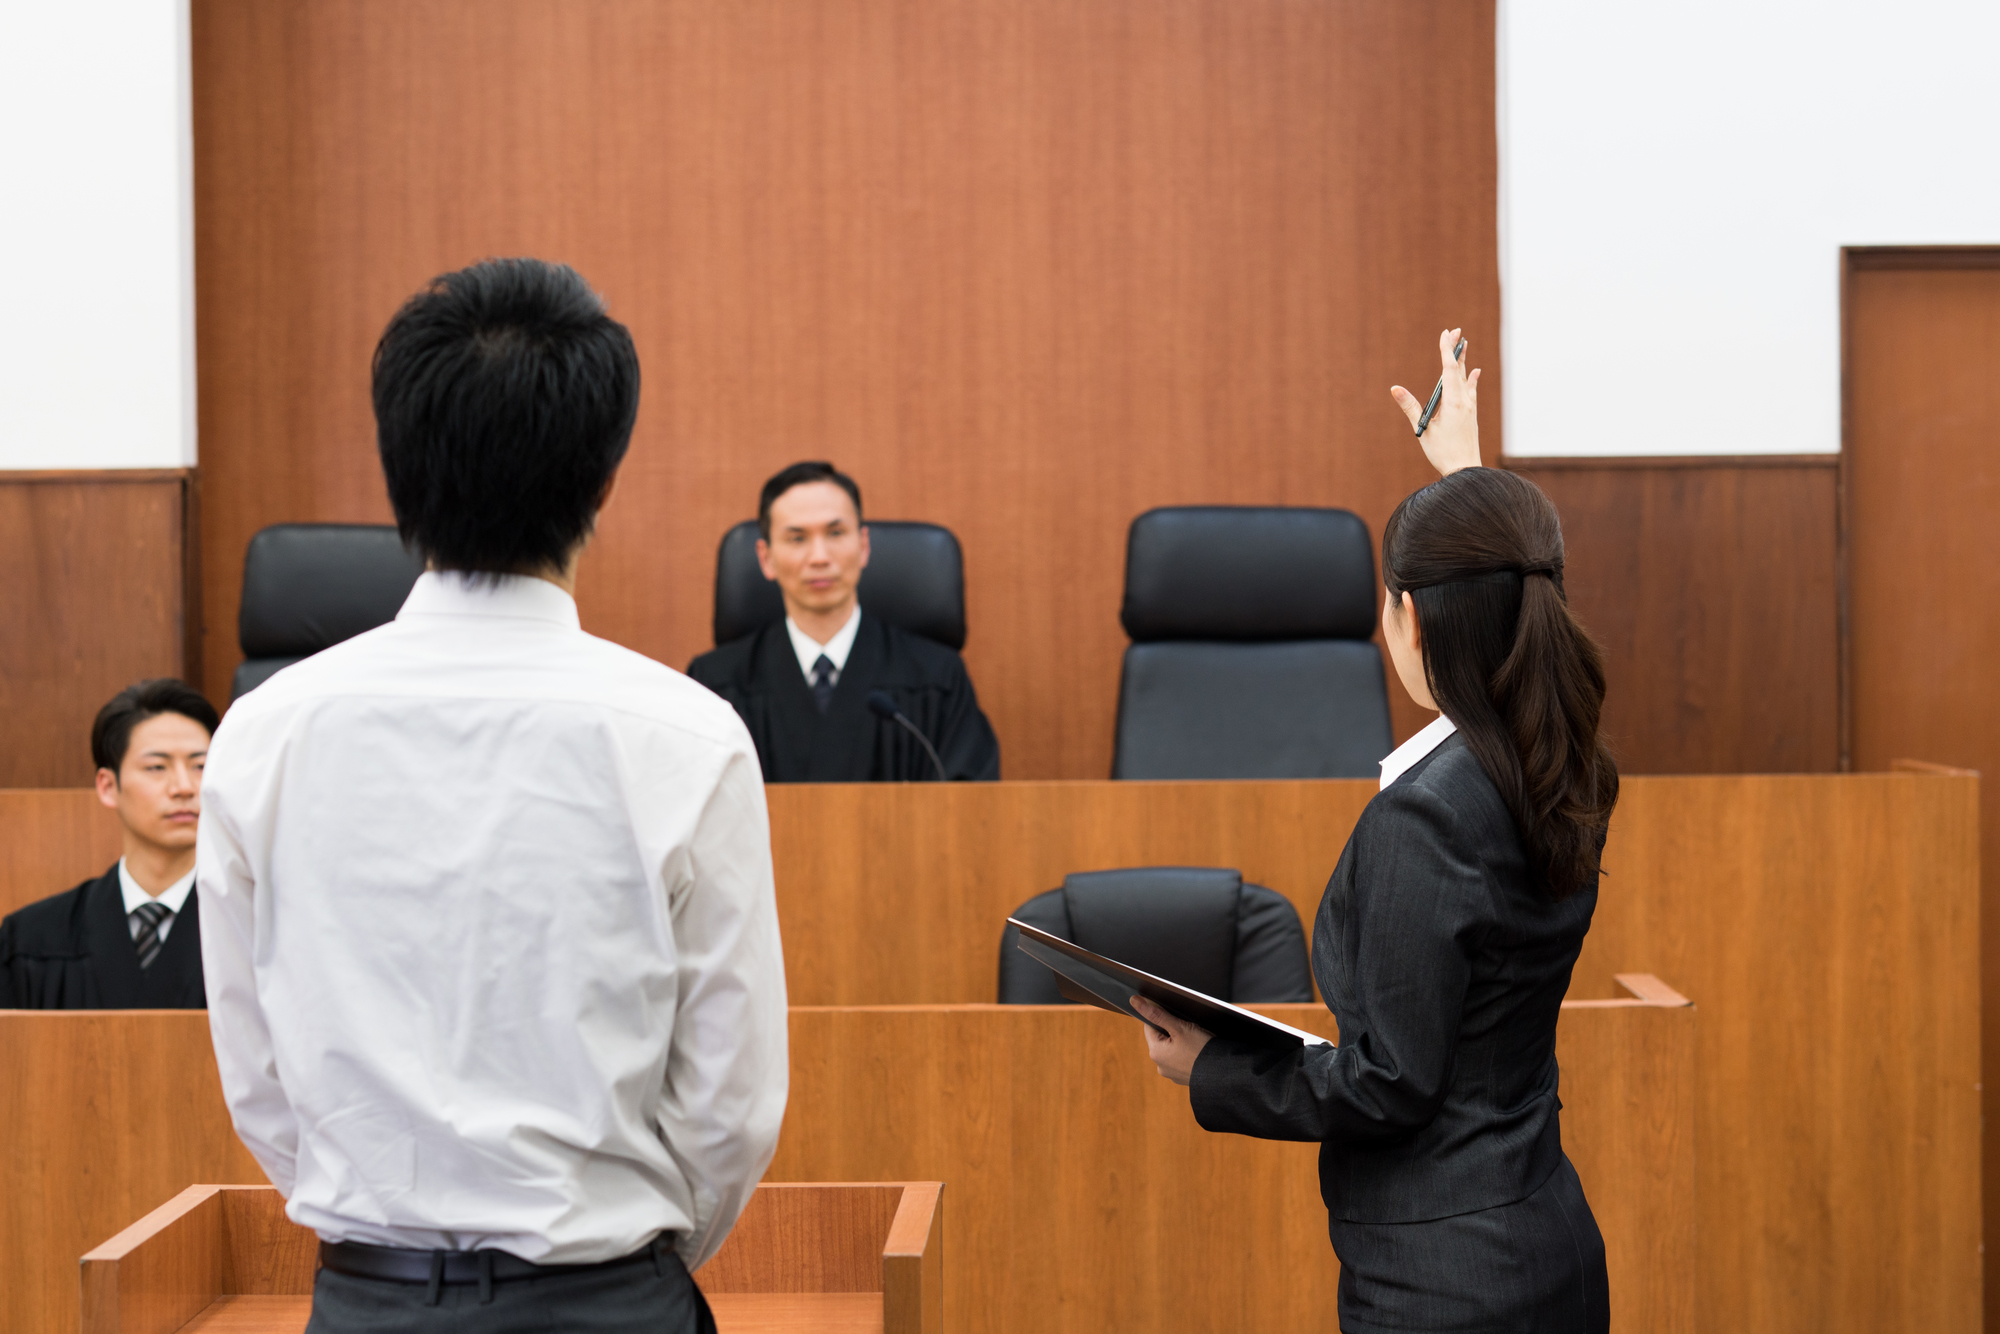 弁護士の誹謗中傷対処の評判に注意